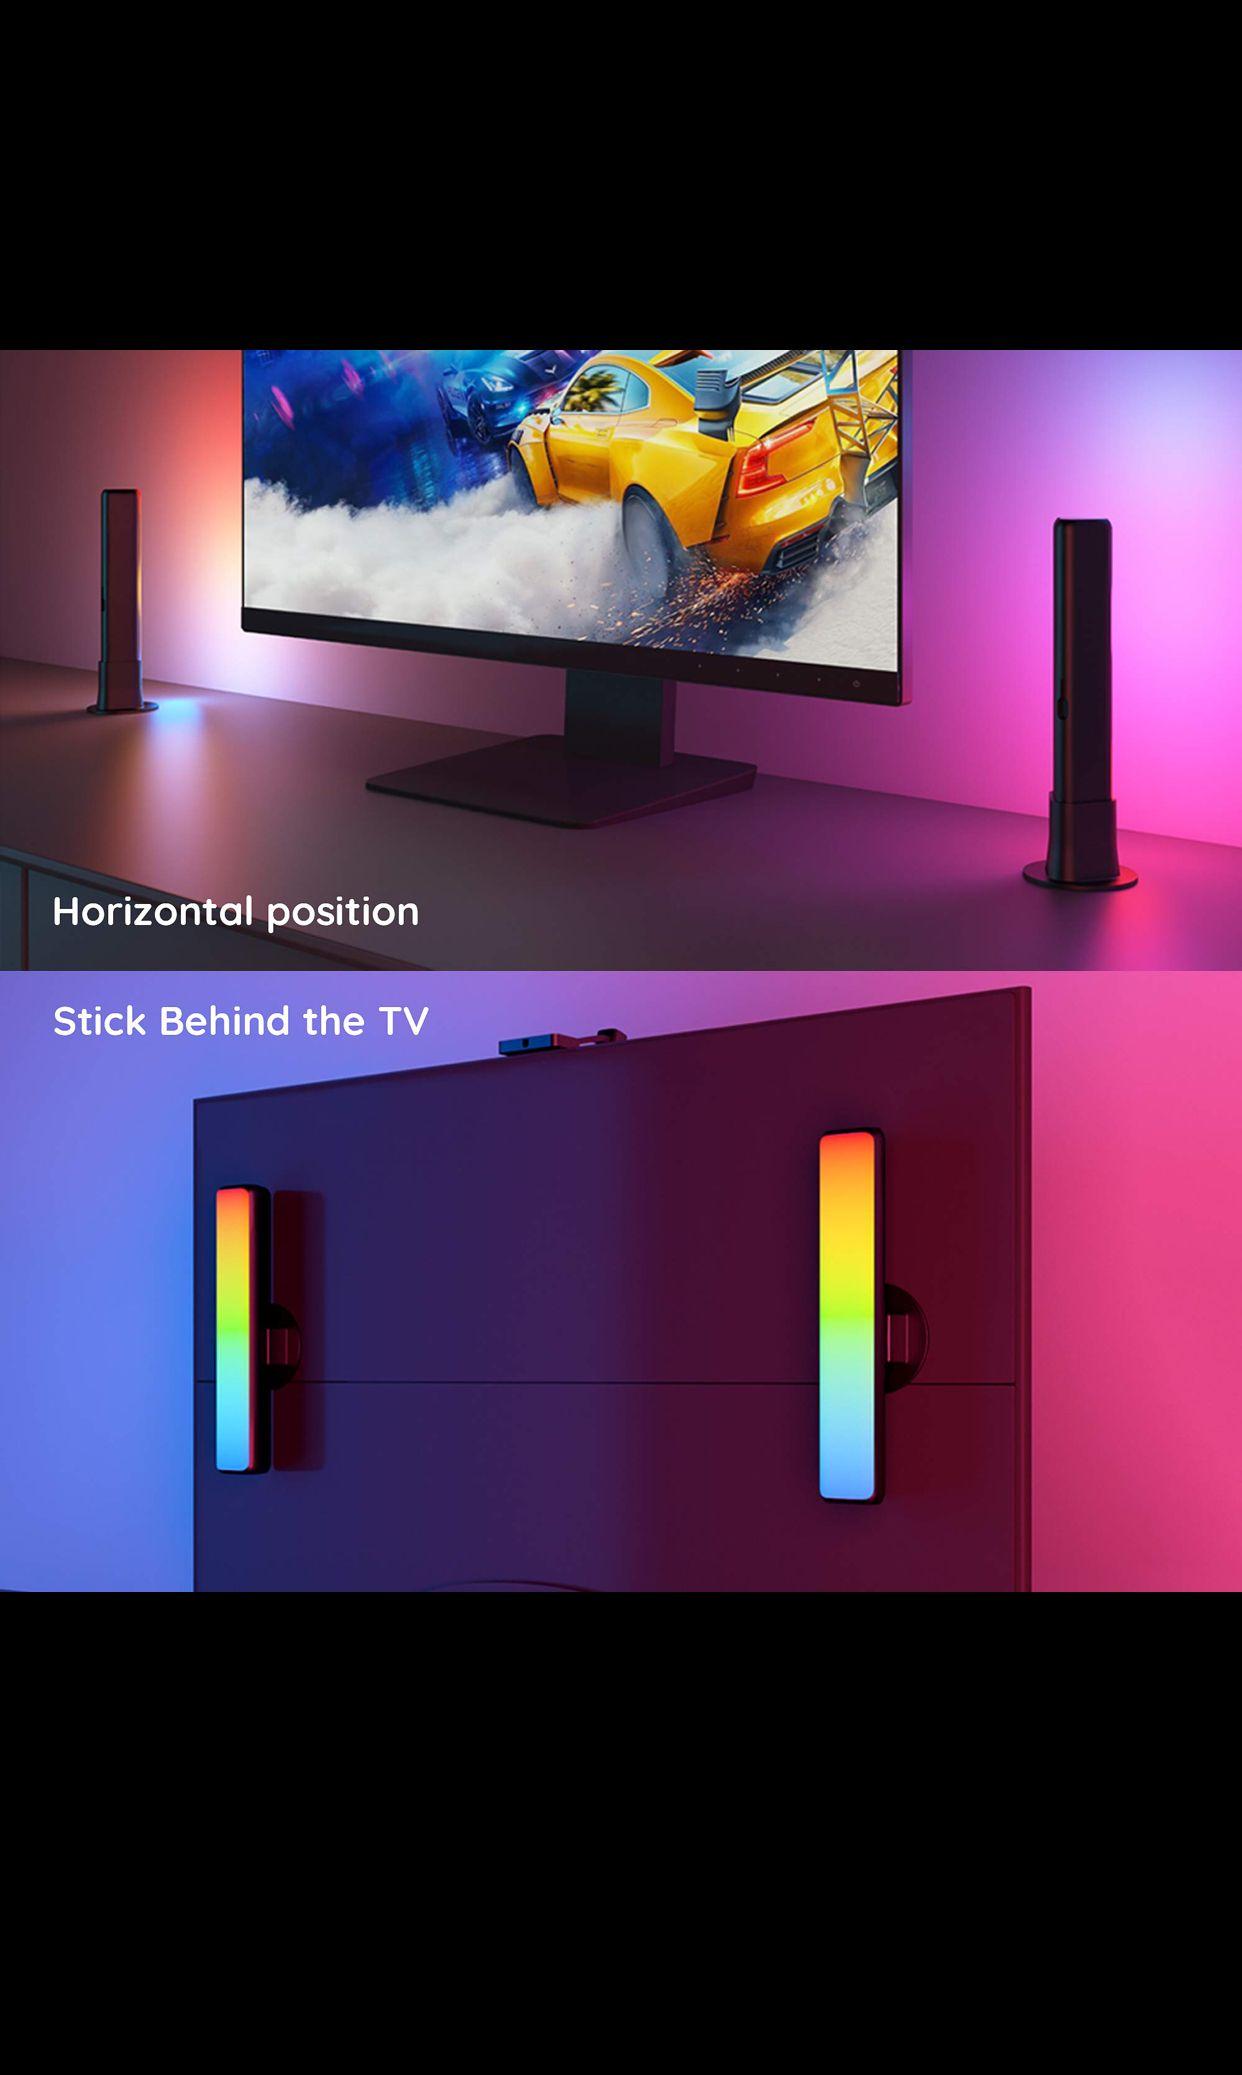 Govee Led Bar Lights In 2021 Bar Lighting Led Light Bars Tv Connect